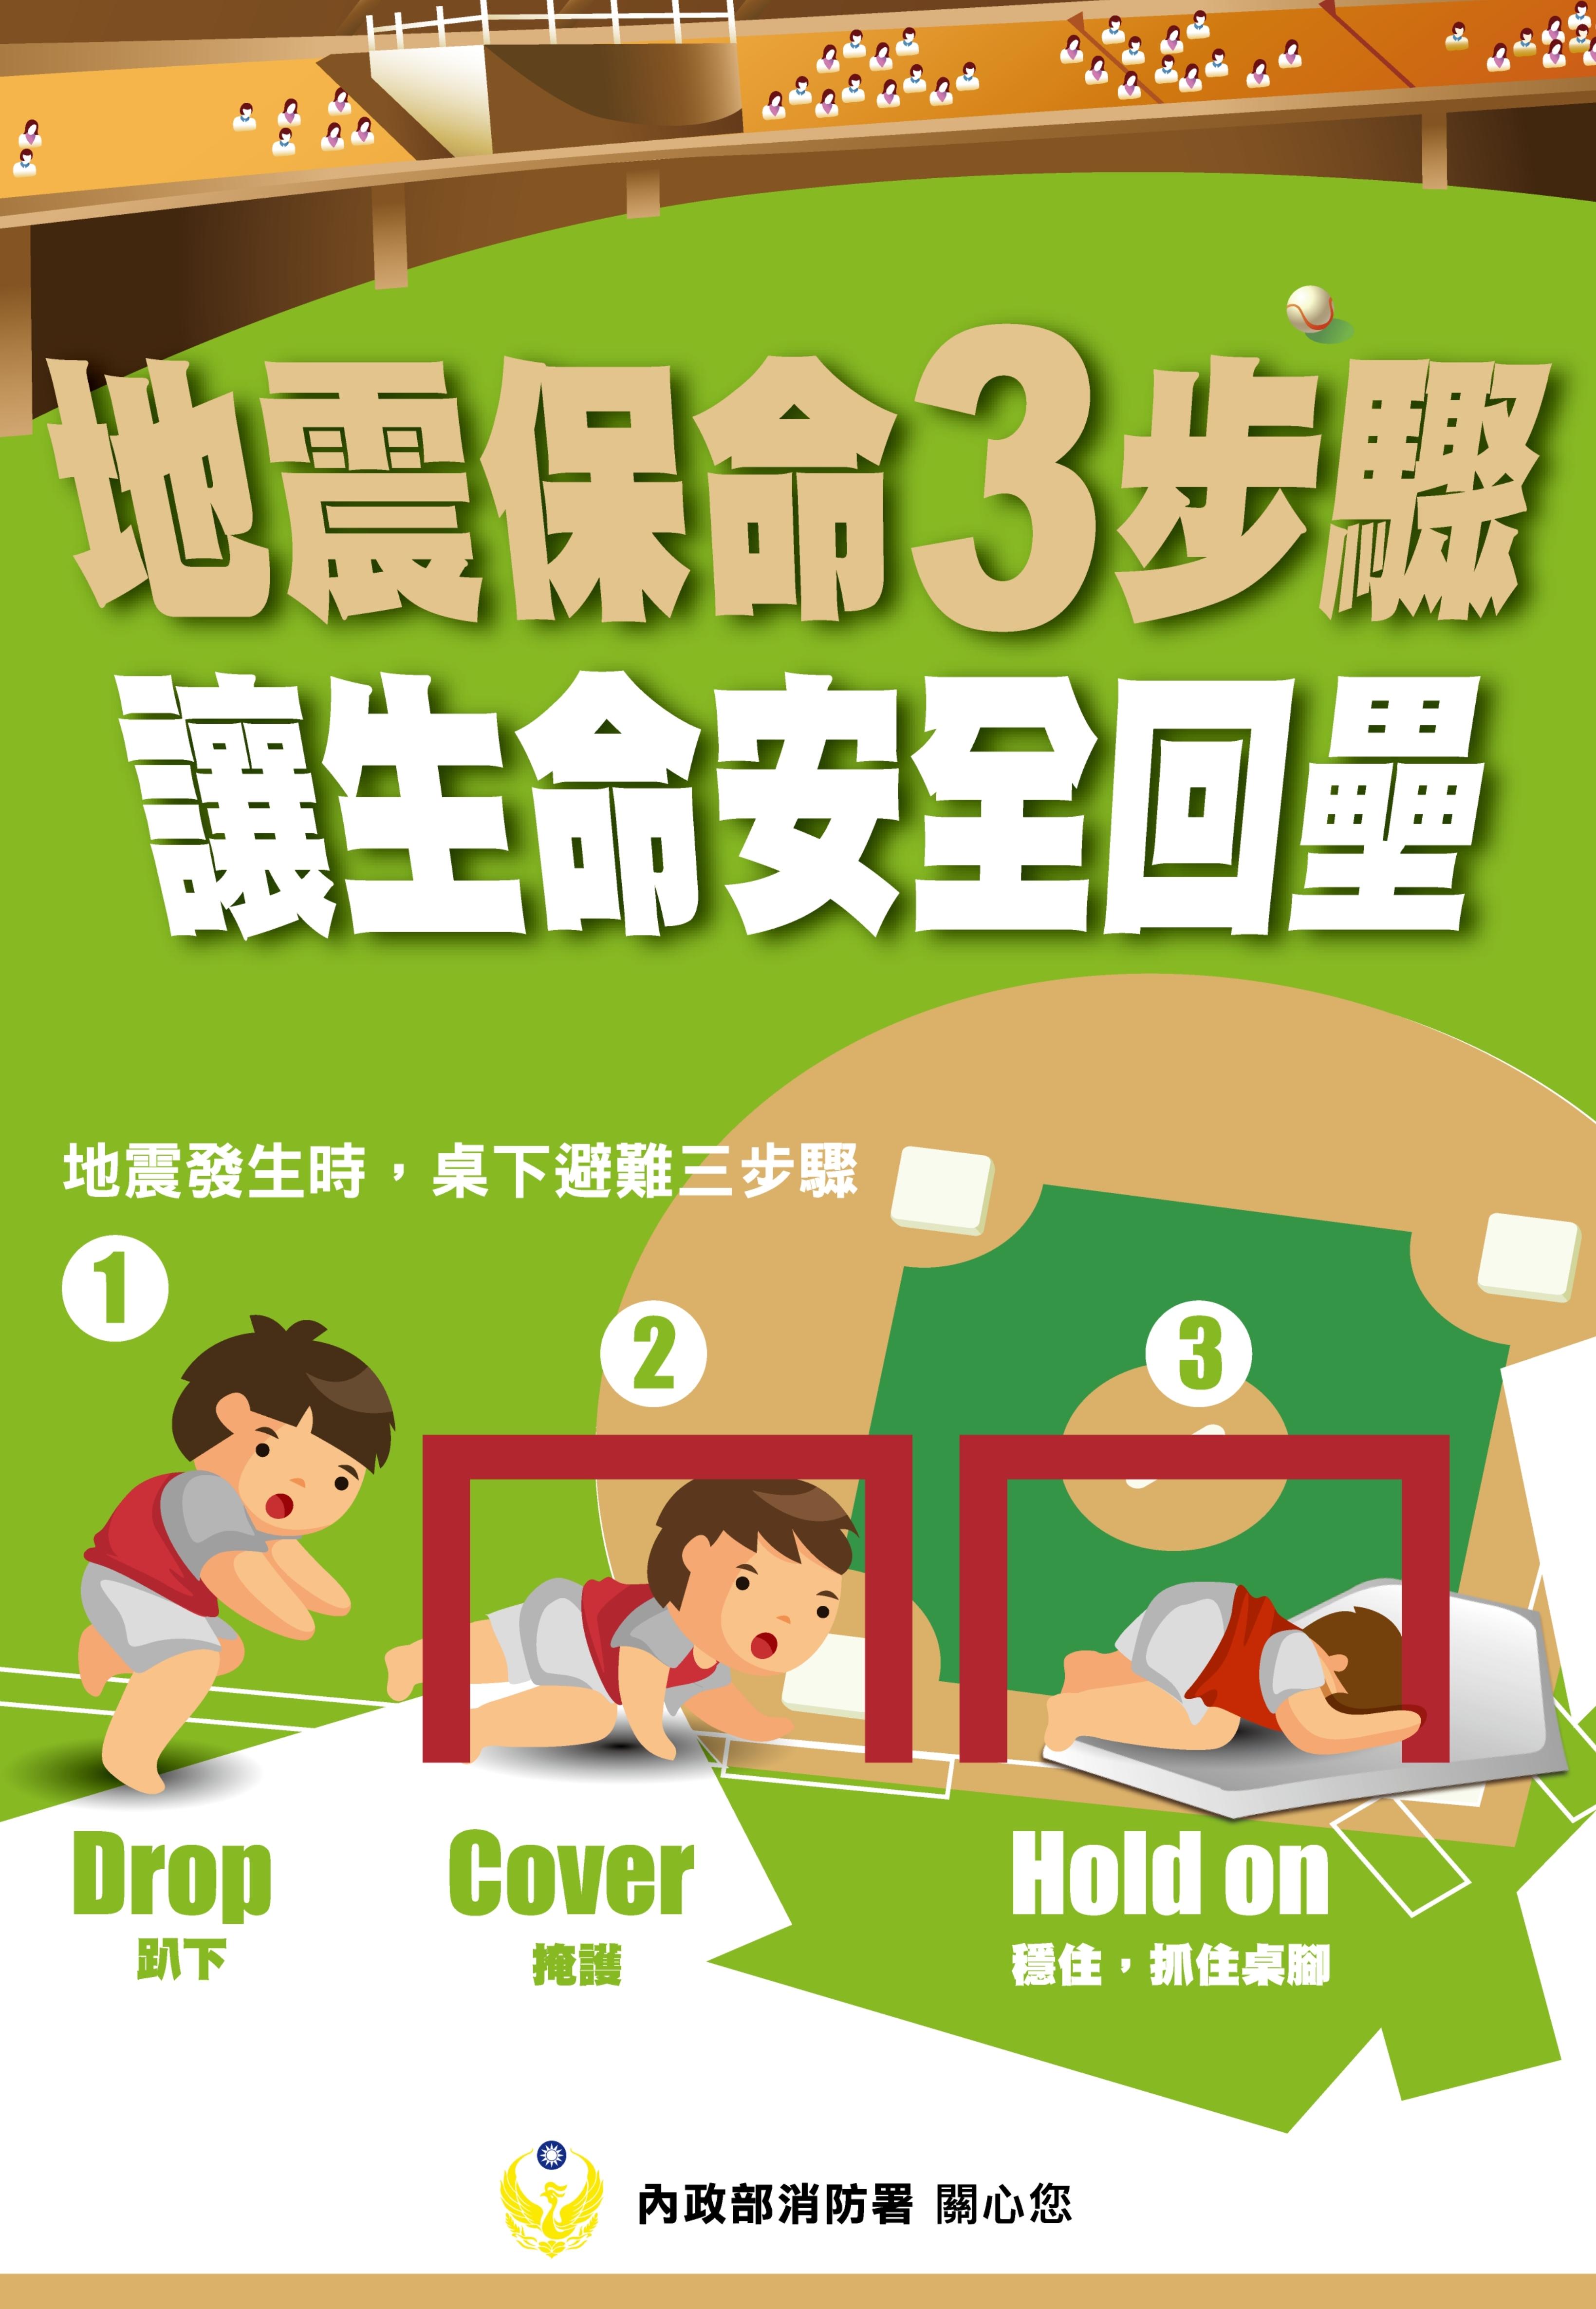 地震保命三步驟